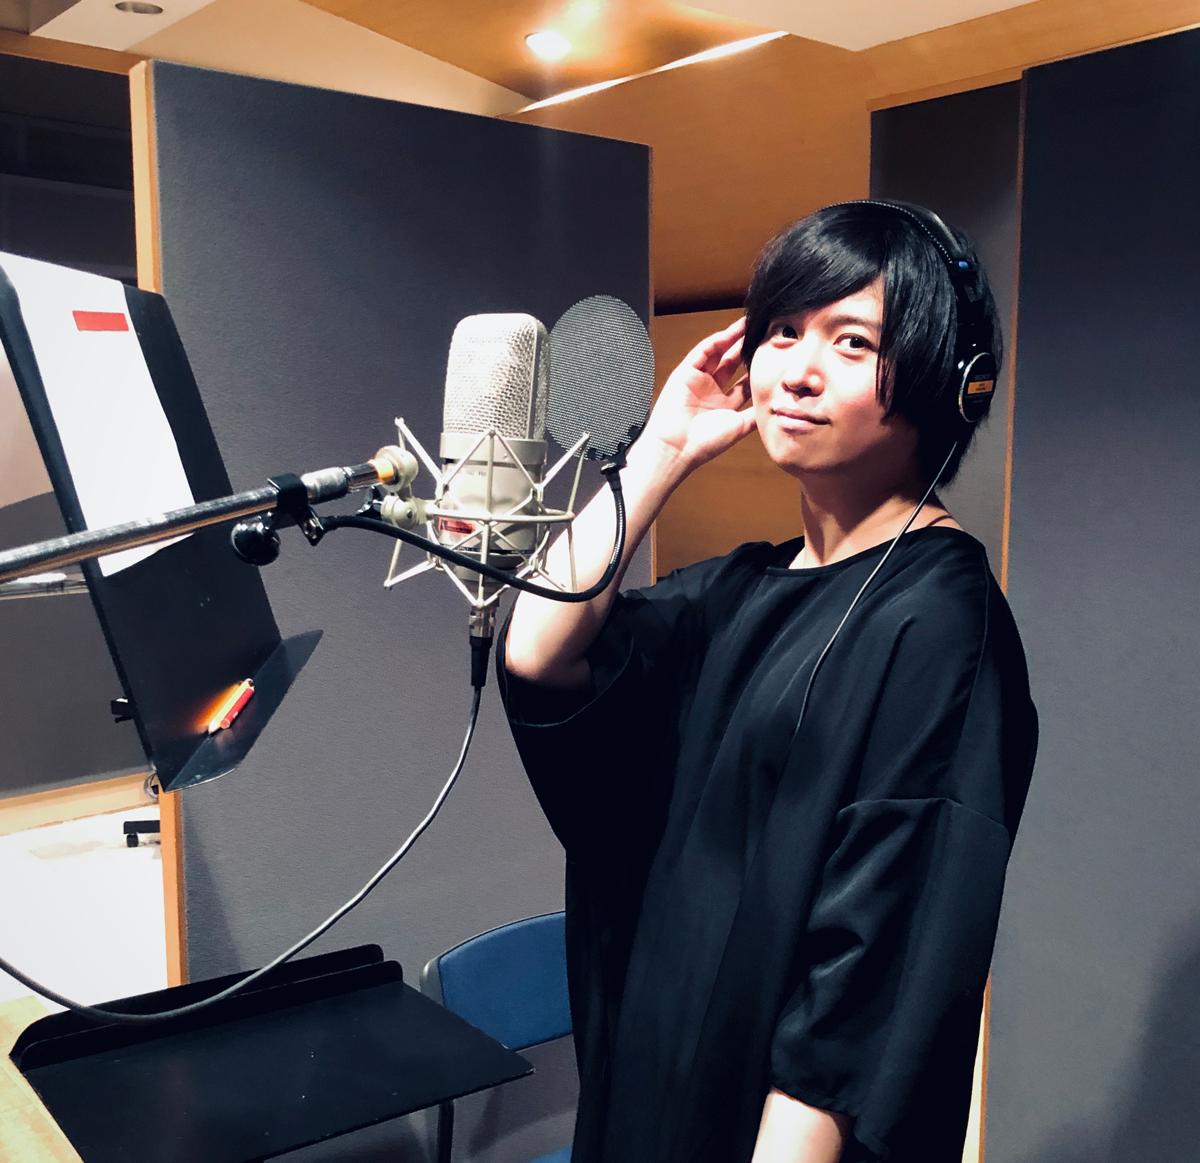 皆さまこんばんは〜!ついに!新曲のお知らせです!その名も『ペトリコール』!梅雨の時期にしとしと染みいるような、ダークでポップ、かつ不思議な曲です。そしてこちら!6月27日、配信リリースが決定しました!また最新情報を随時お伝えしていきますので、よろしくお願いいたします!S#斉藤壮馬